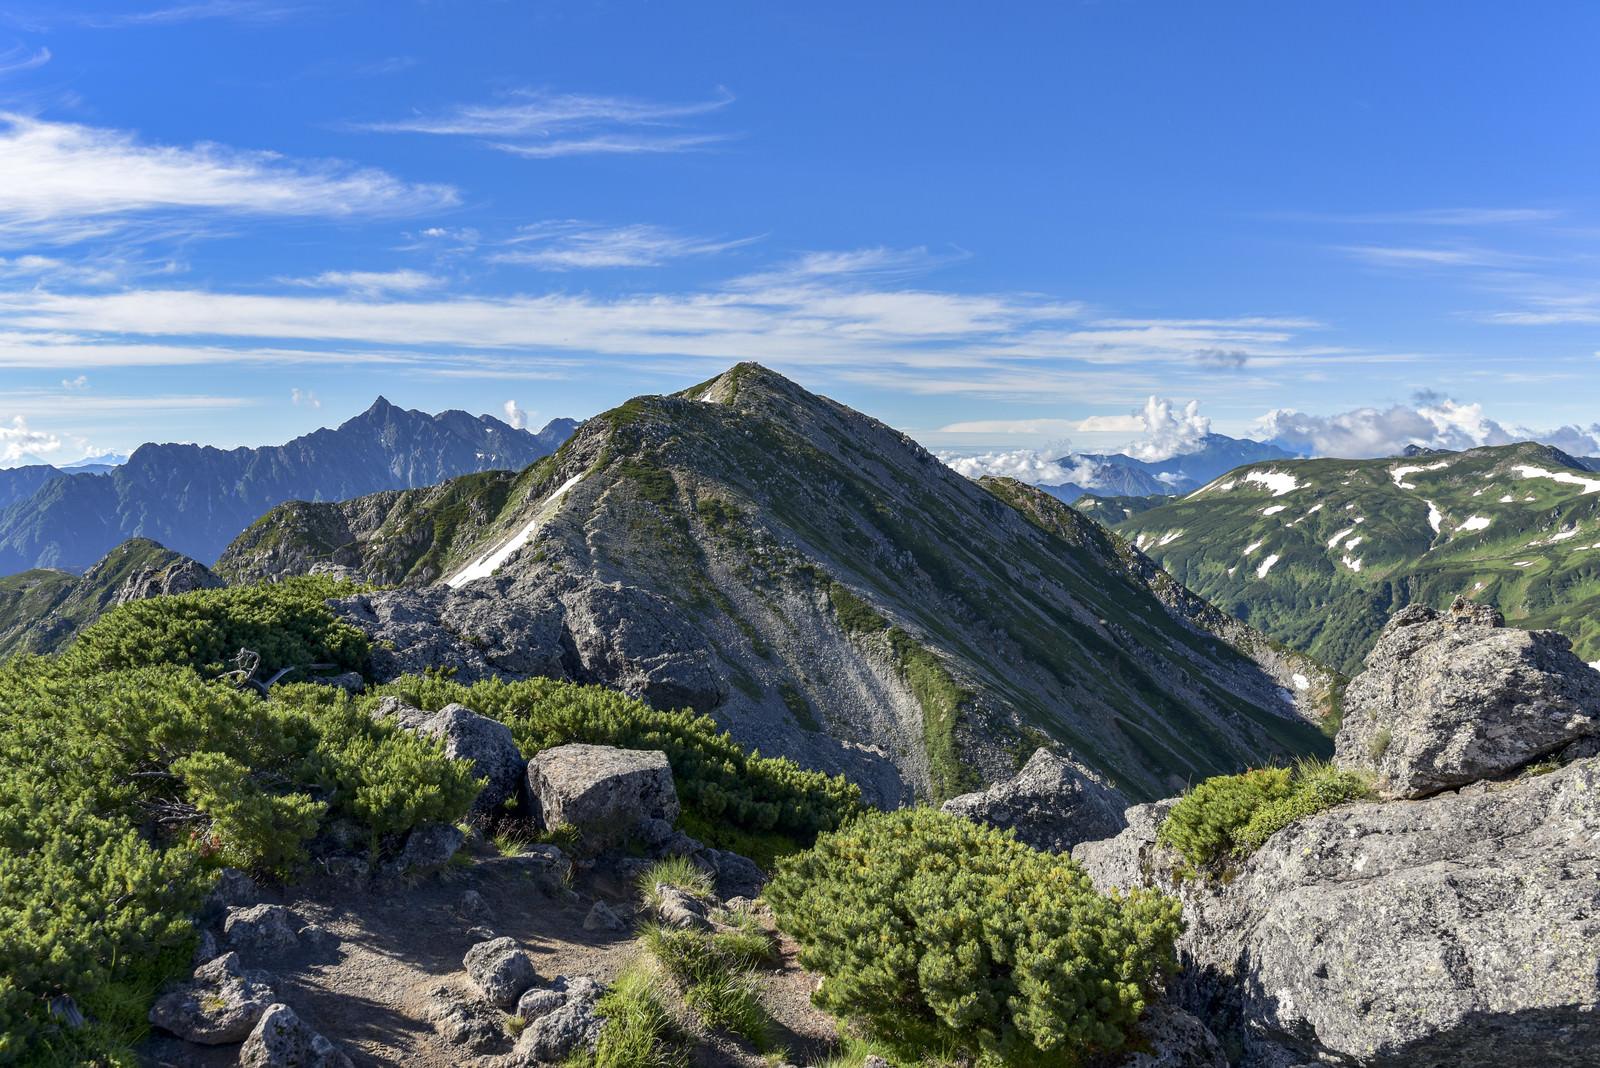 「ワリモ岳から見る鷲羽岳山頂と槍ヶ岳(水晶岳)」の写真